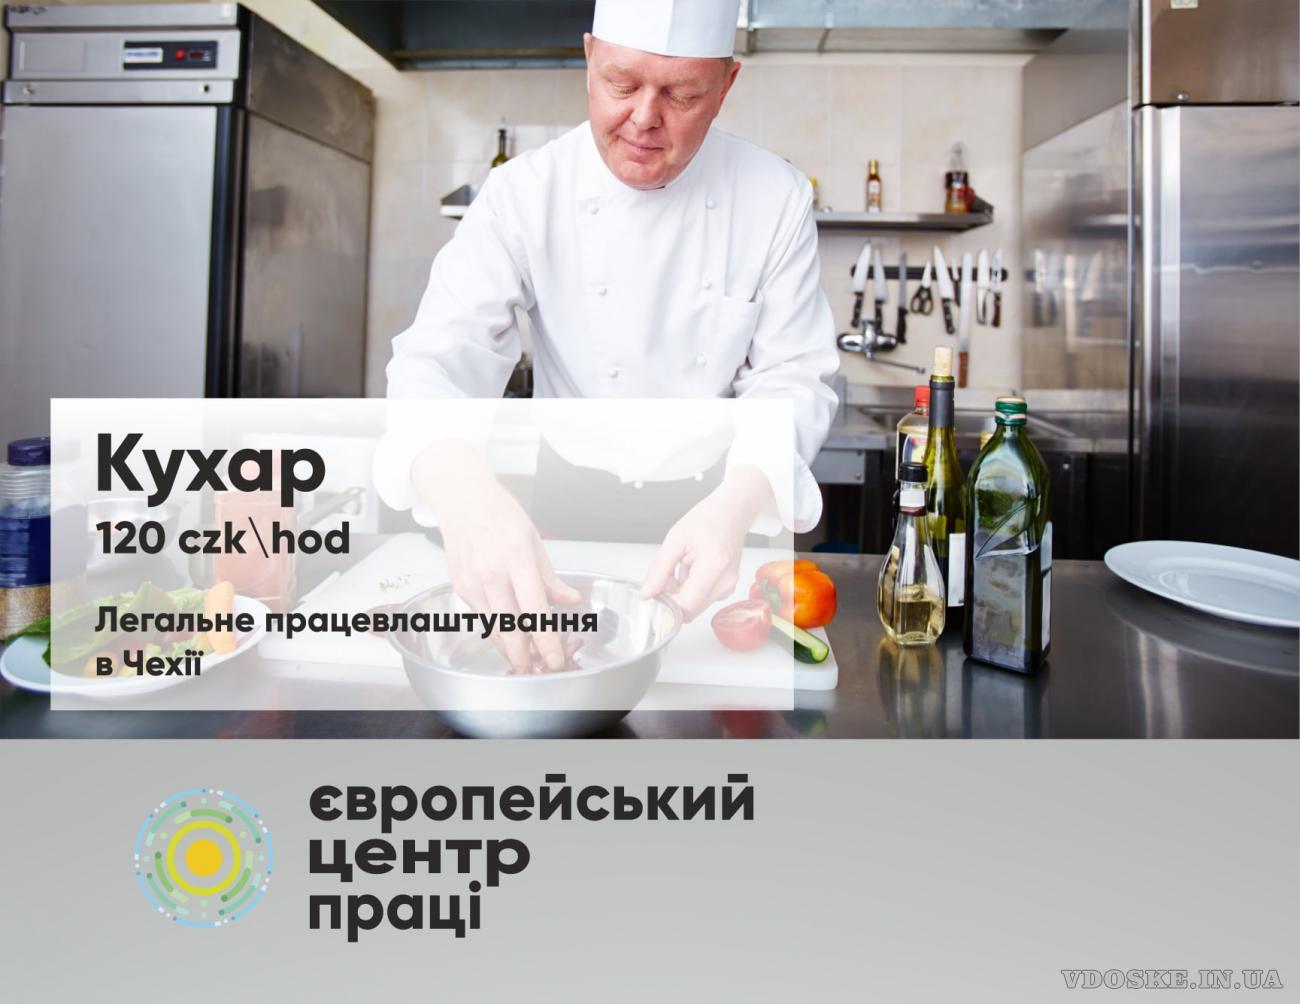 Кухар та працівники готелю в горах - Чехія